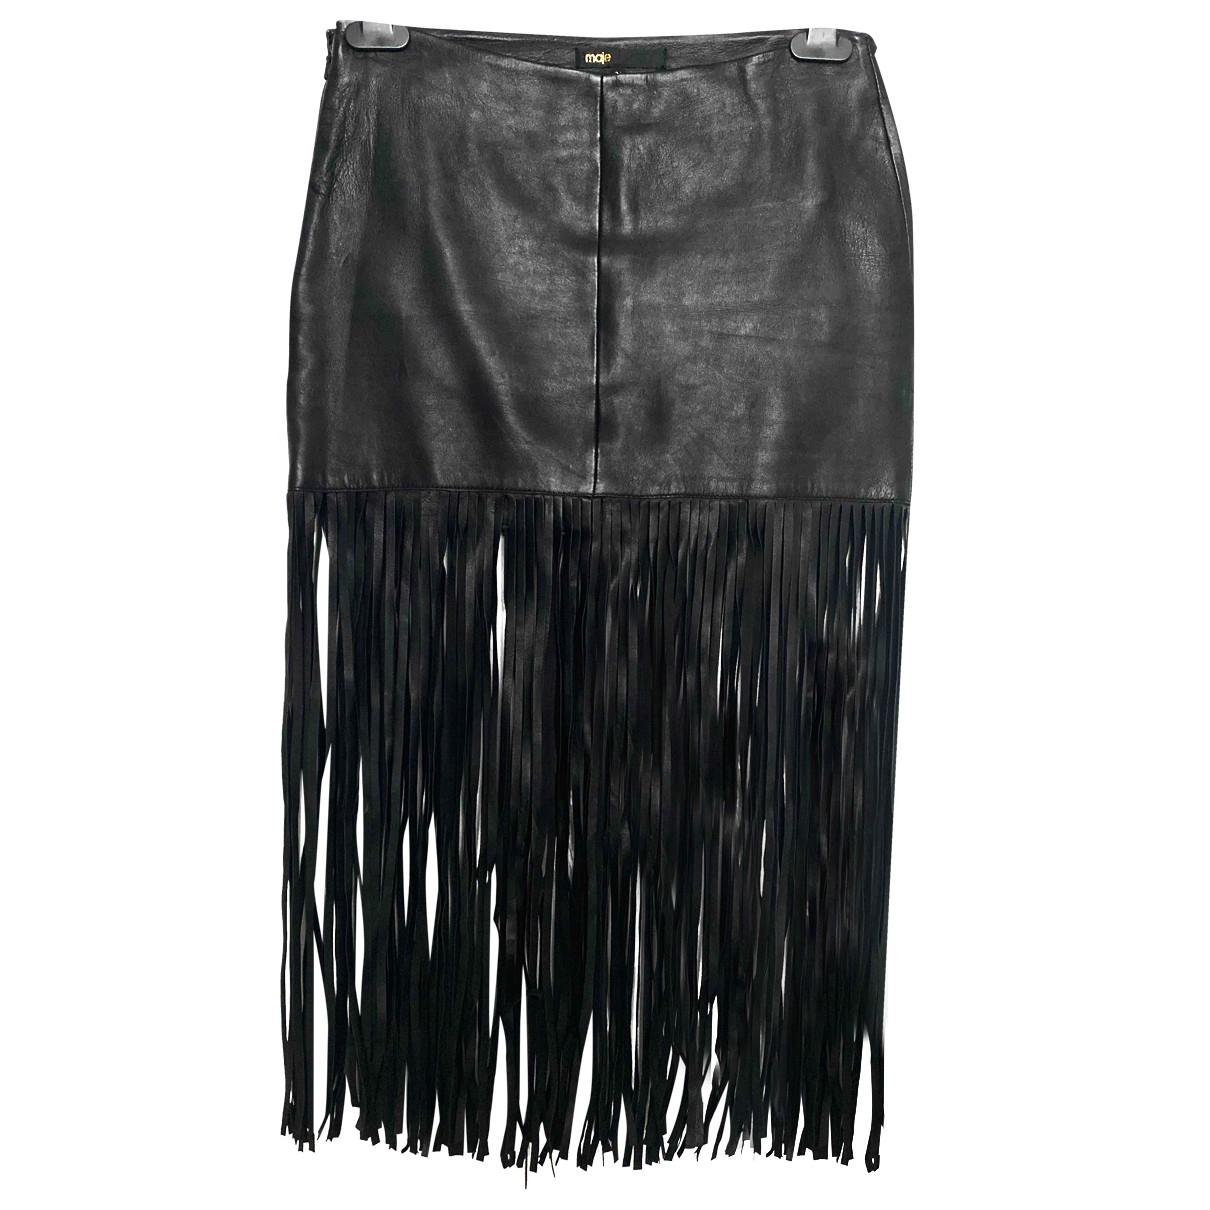 Maje \N Black Leather skirt for Women 36 FR